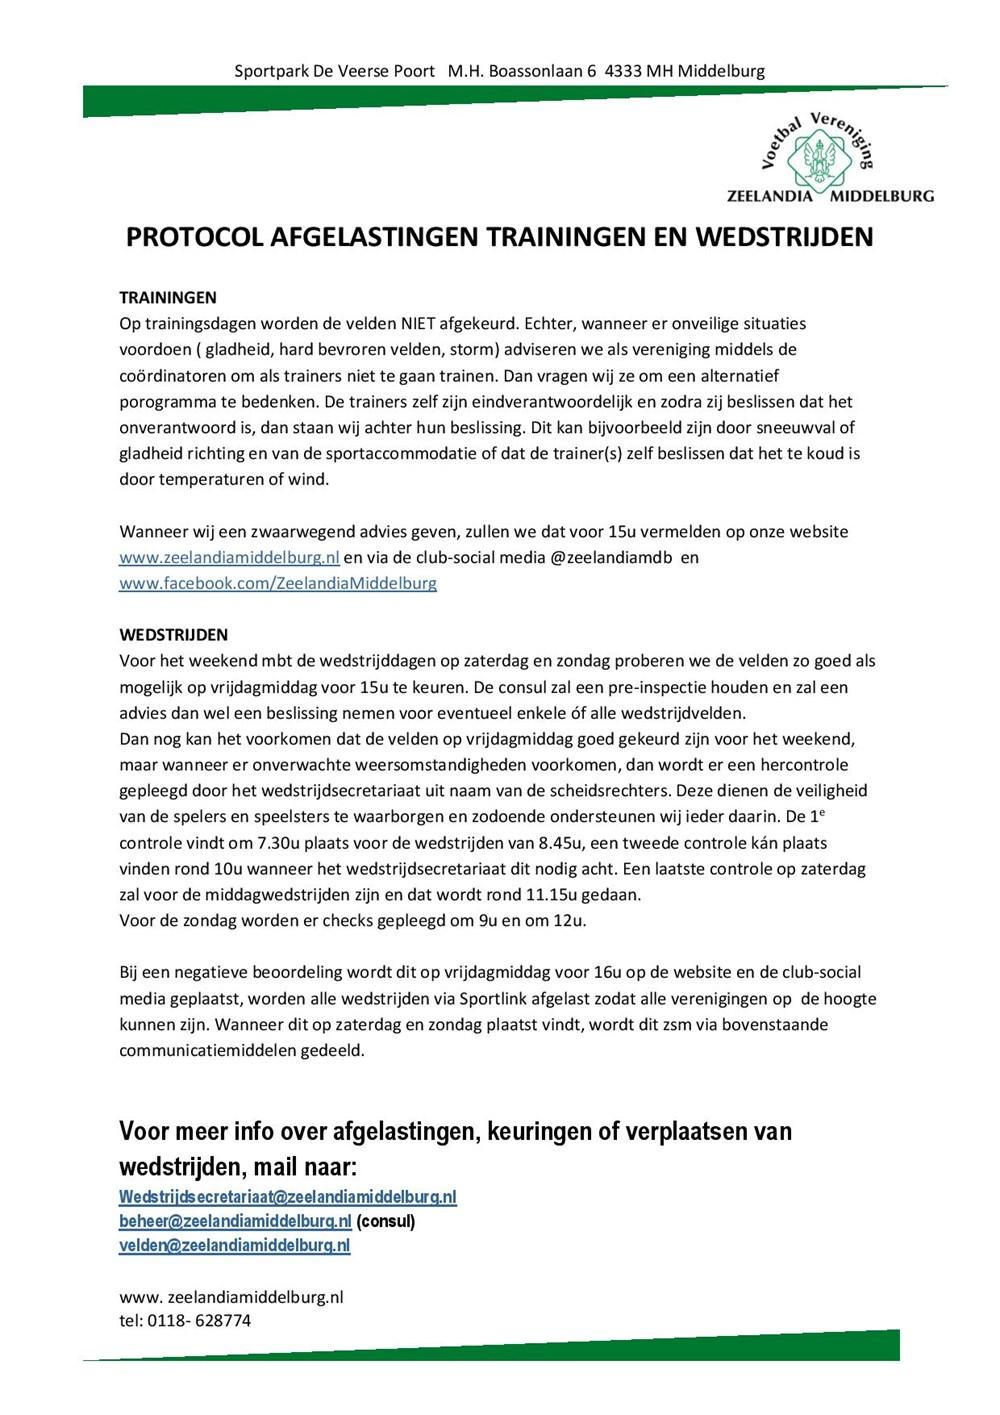 Protocol-afgelastingen-trainingen-en-wedstrijden-page-001.jpg